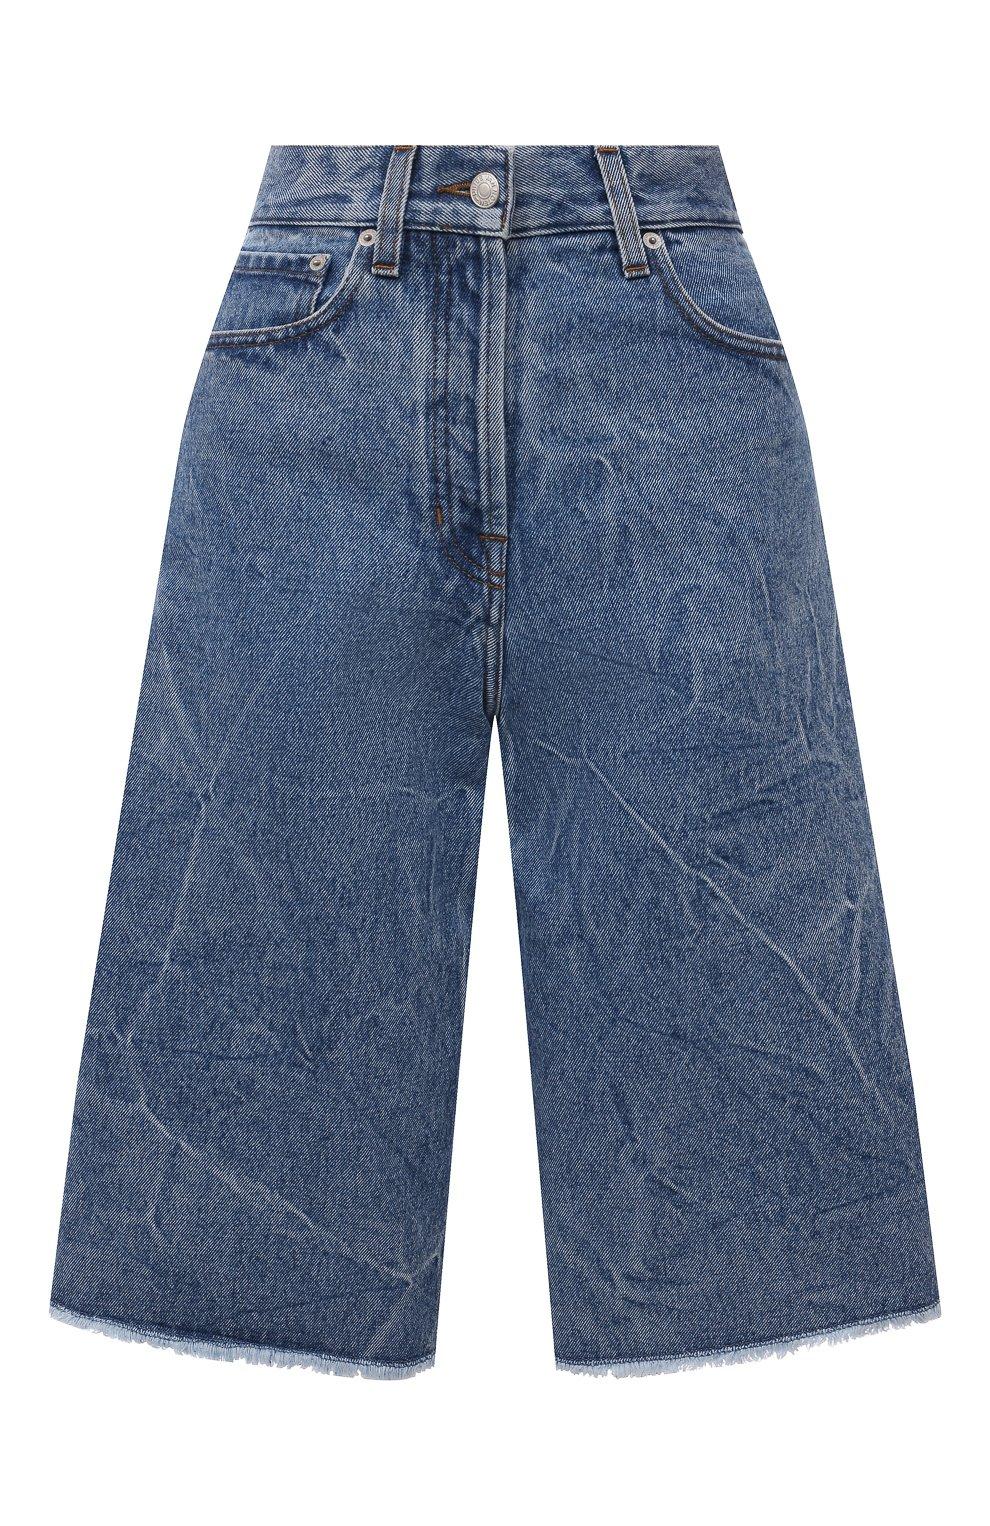 Женские джинсовые шорты DRIES VAN NOTEN синего цвета, арт. 212-012406-3381   Фото 1 (Женское Кросс-КТ: Шорты-одежда; Кросс-КТ: Деним; Стили: Гранж; Материал внешний: Хлопок; Длина Ж (юбки, платья, шорты): Миди)